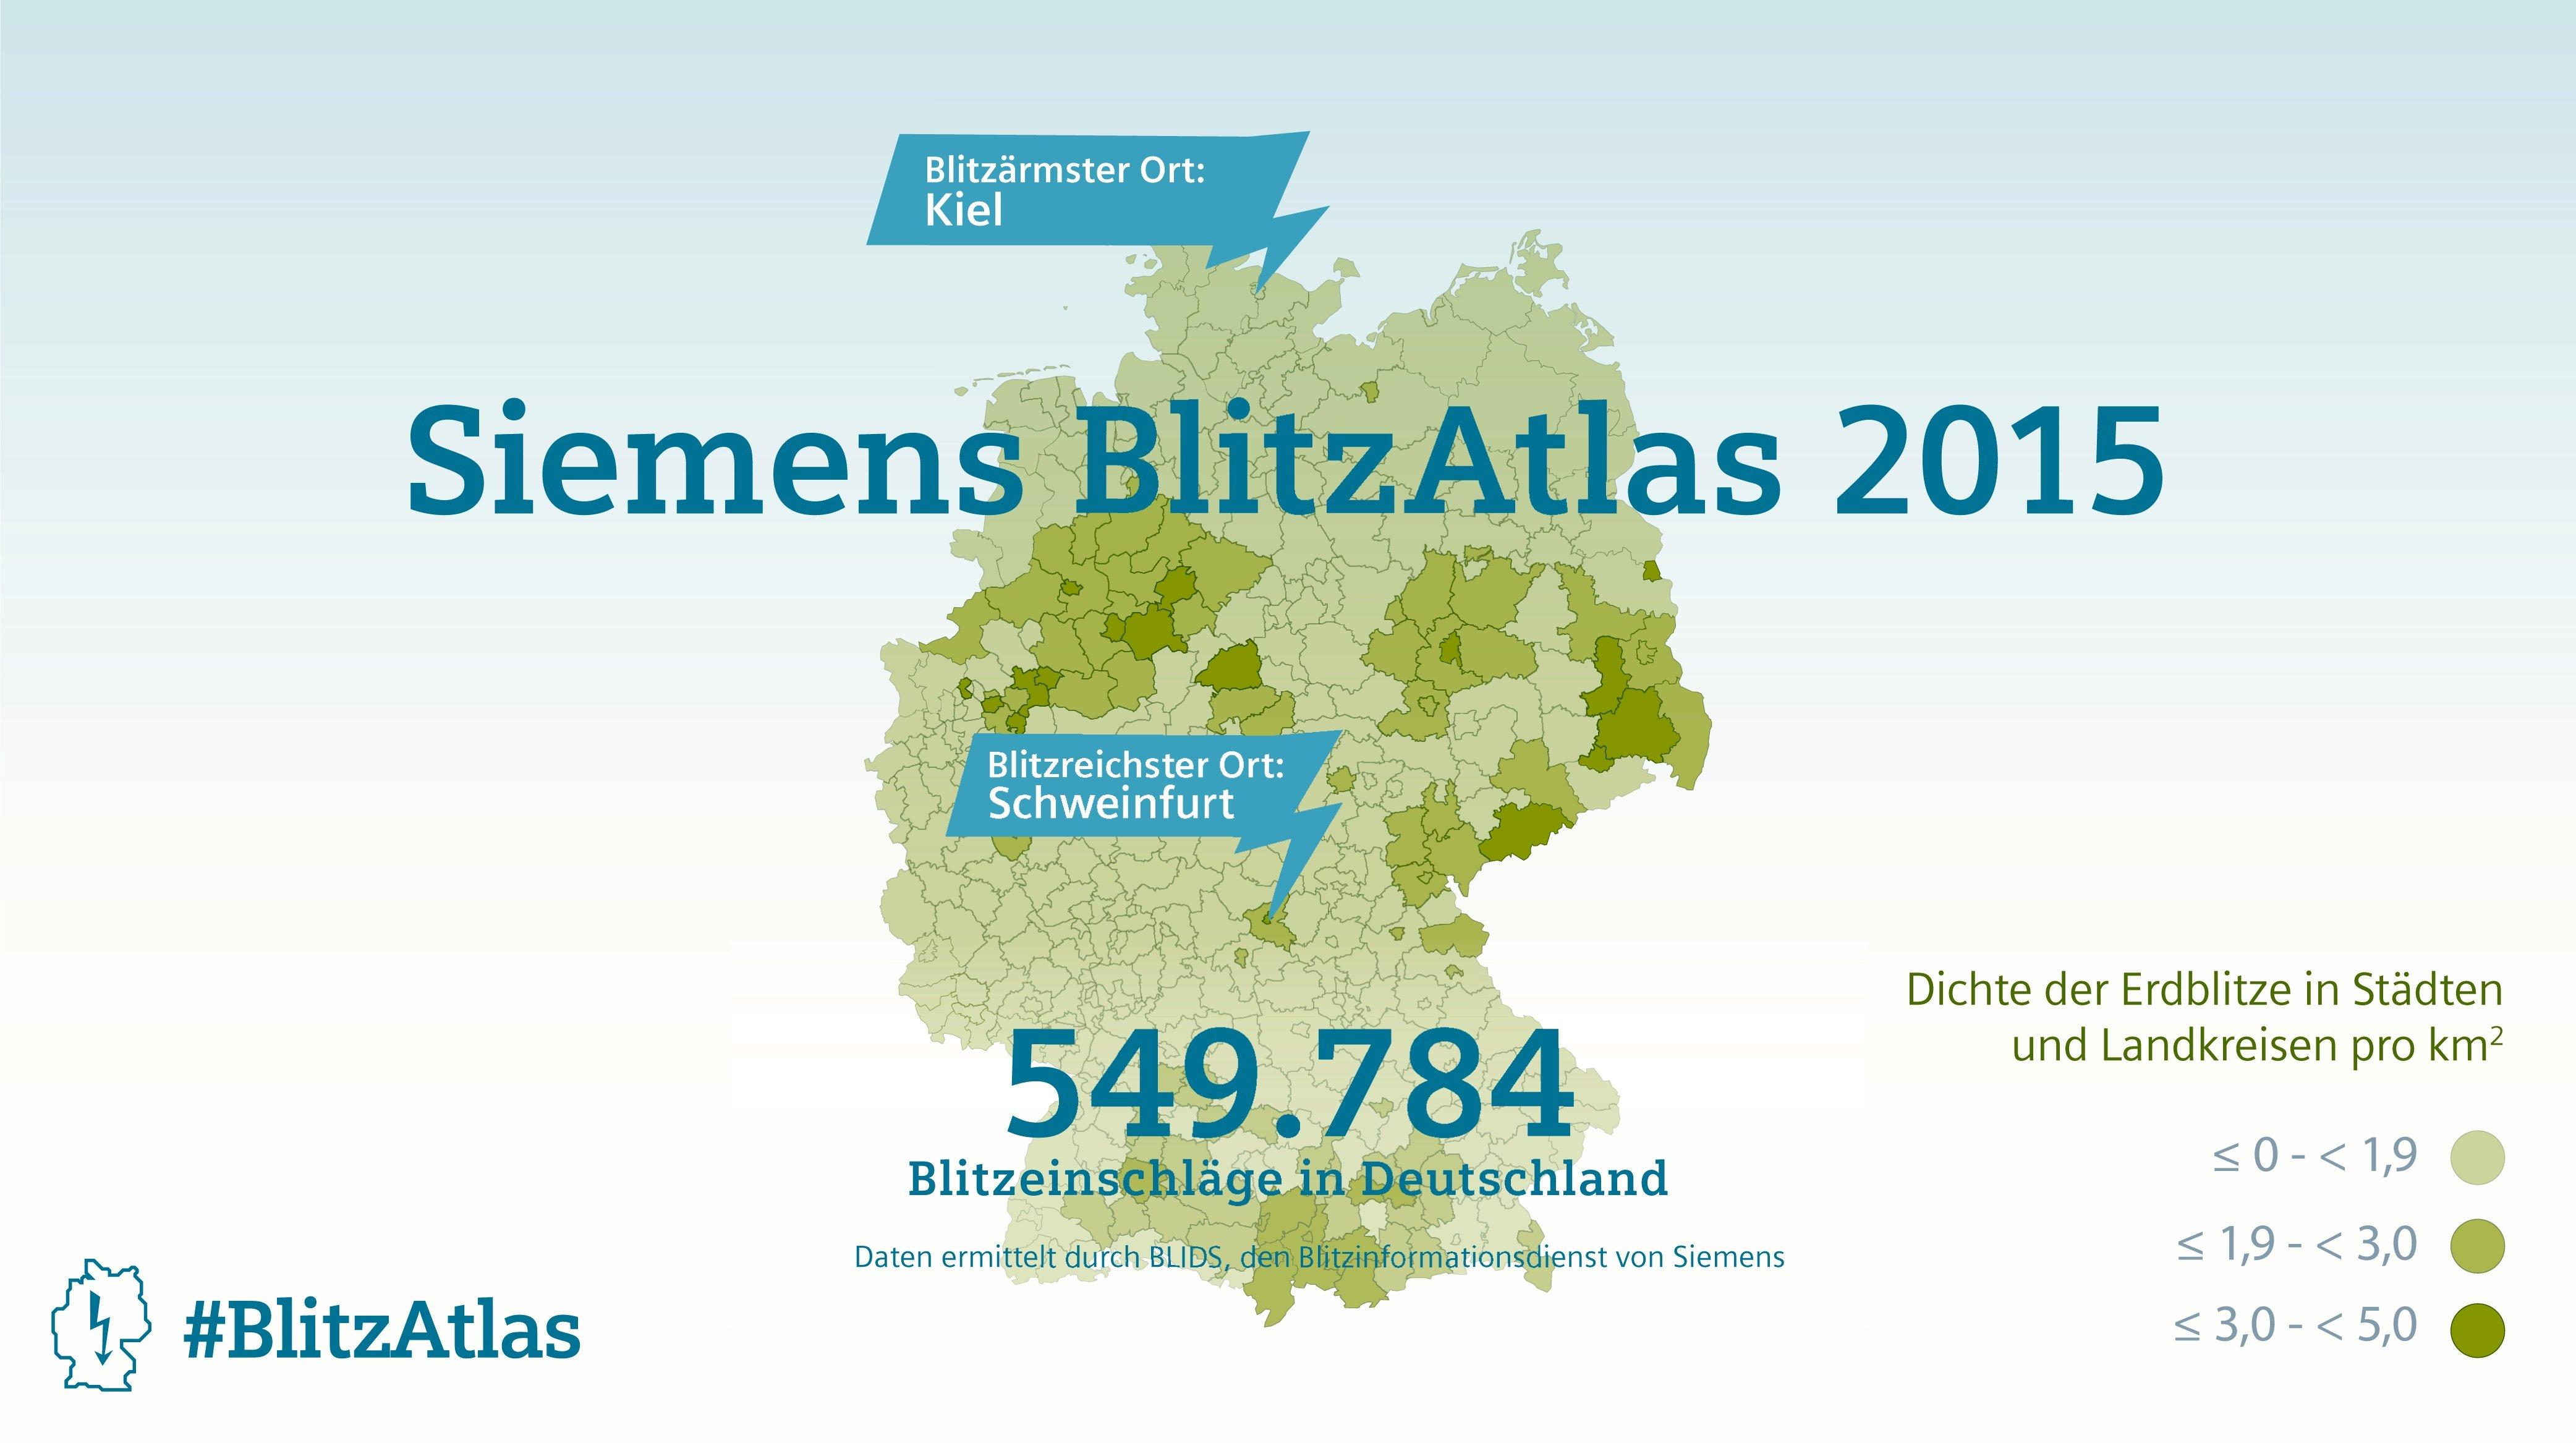 Der Blitzatlas 2015: Die meisten Blitze schlugen im vergangenen Jahr im Süden Bayerns, Teilen Niedersachsens und Nordrhein-Westfalens sowie in Teilen Sachsens und Sachsen-Anhalts ein.